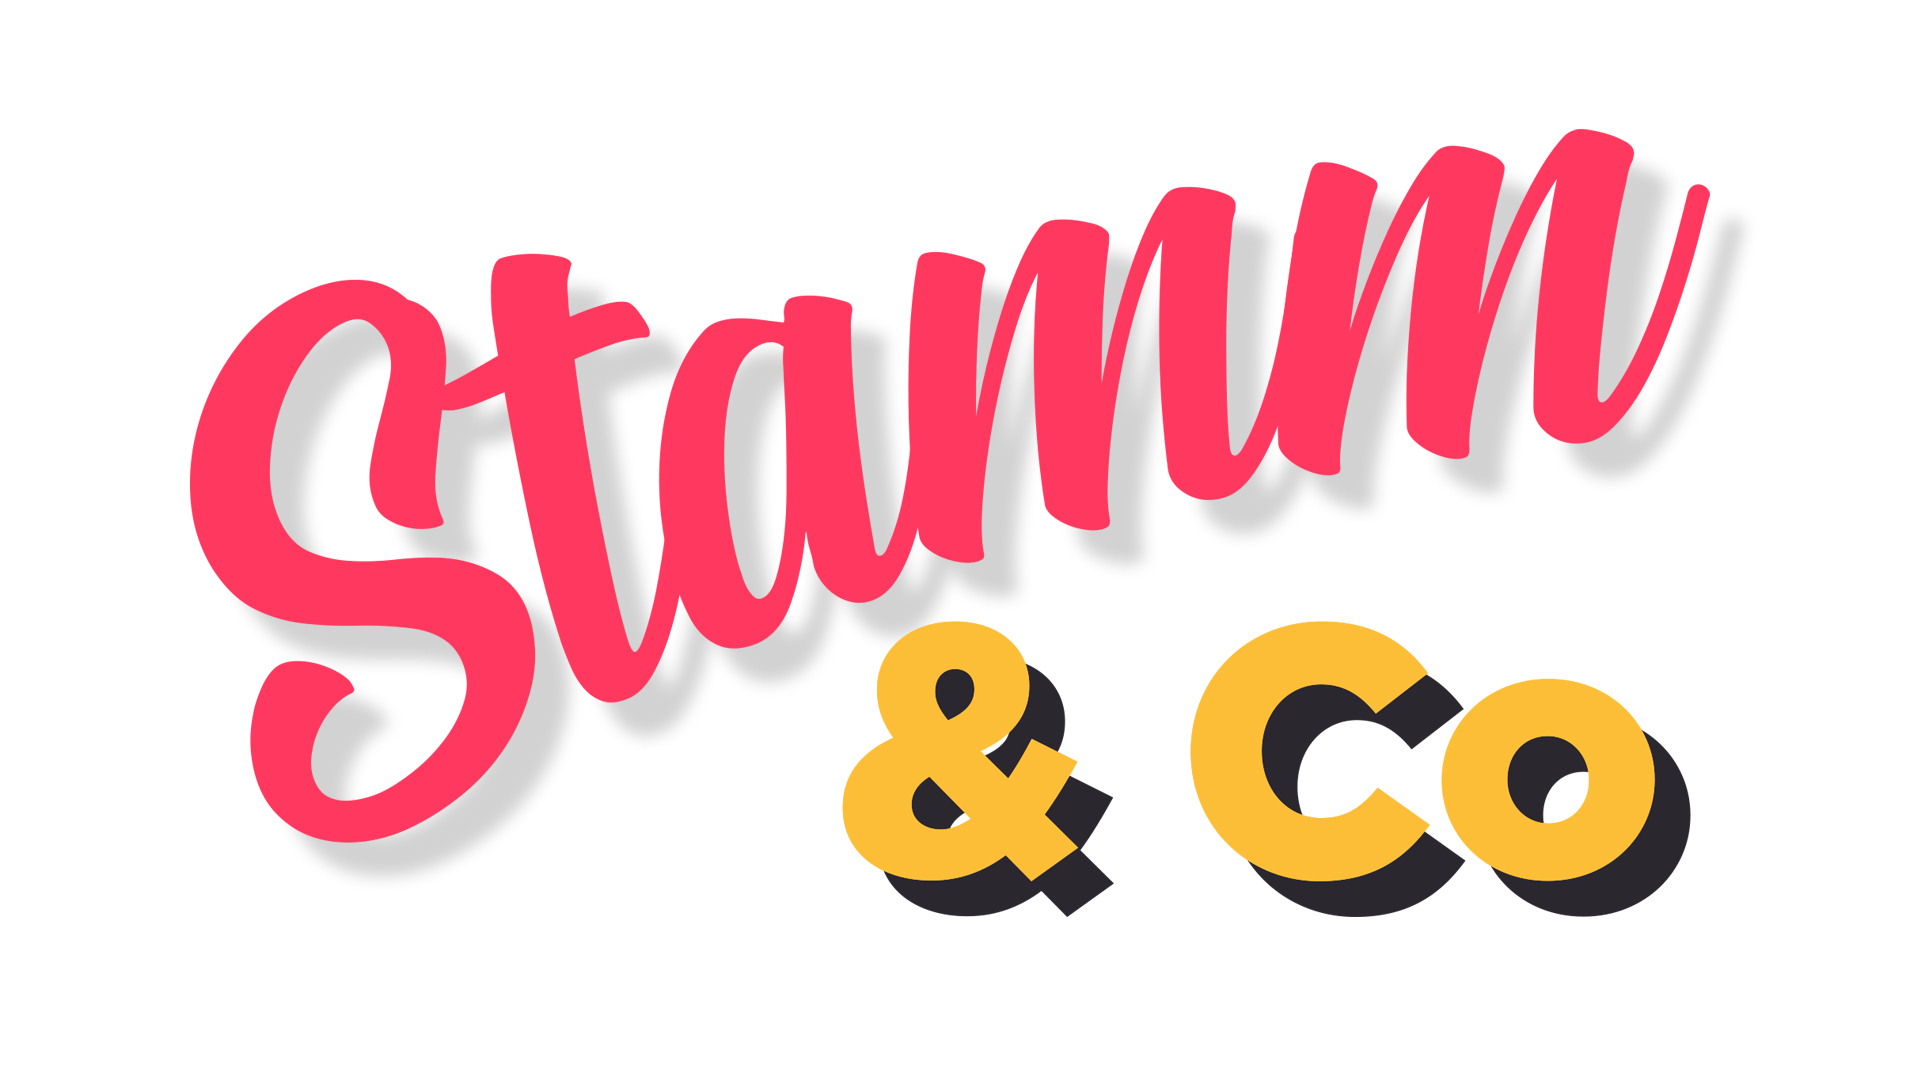 Stamm & Co